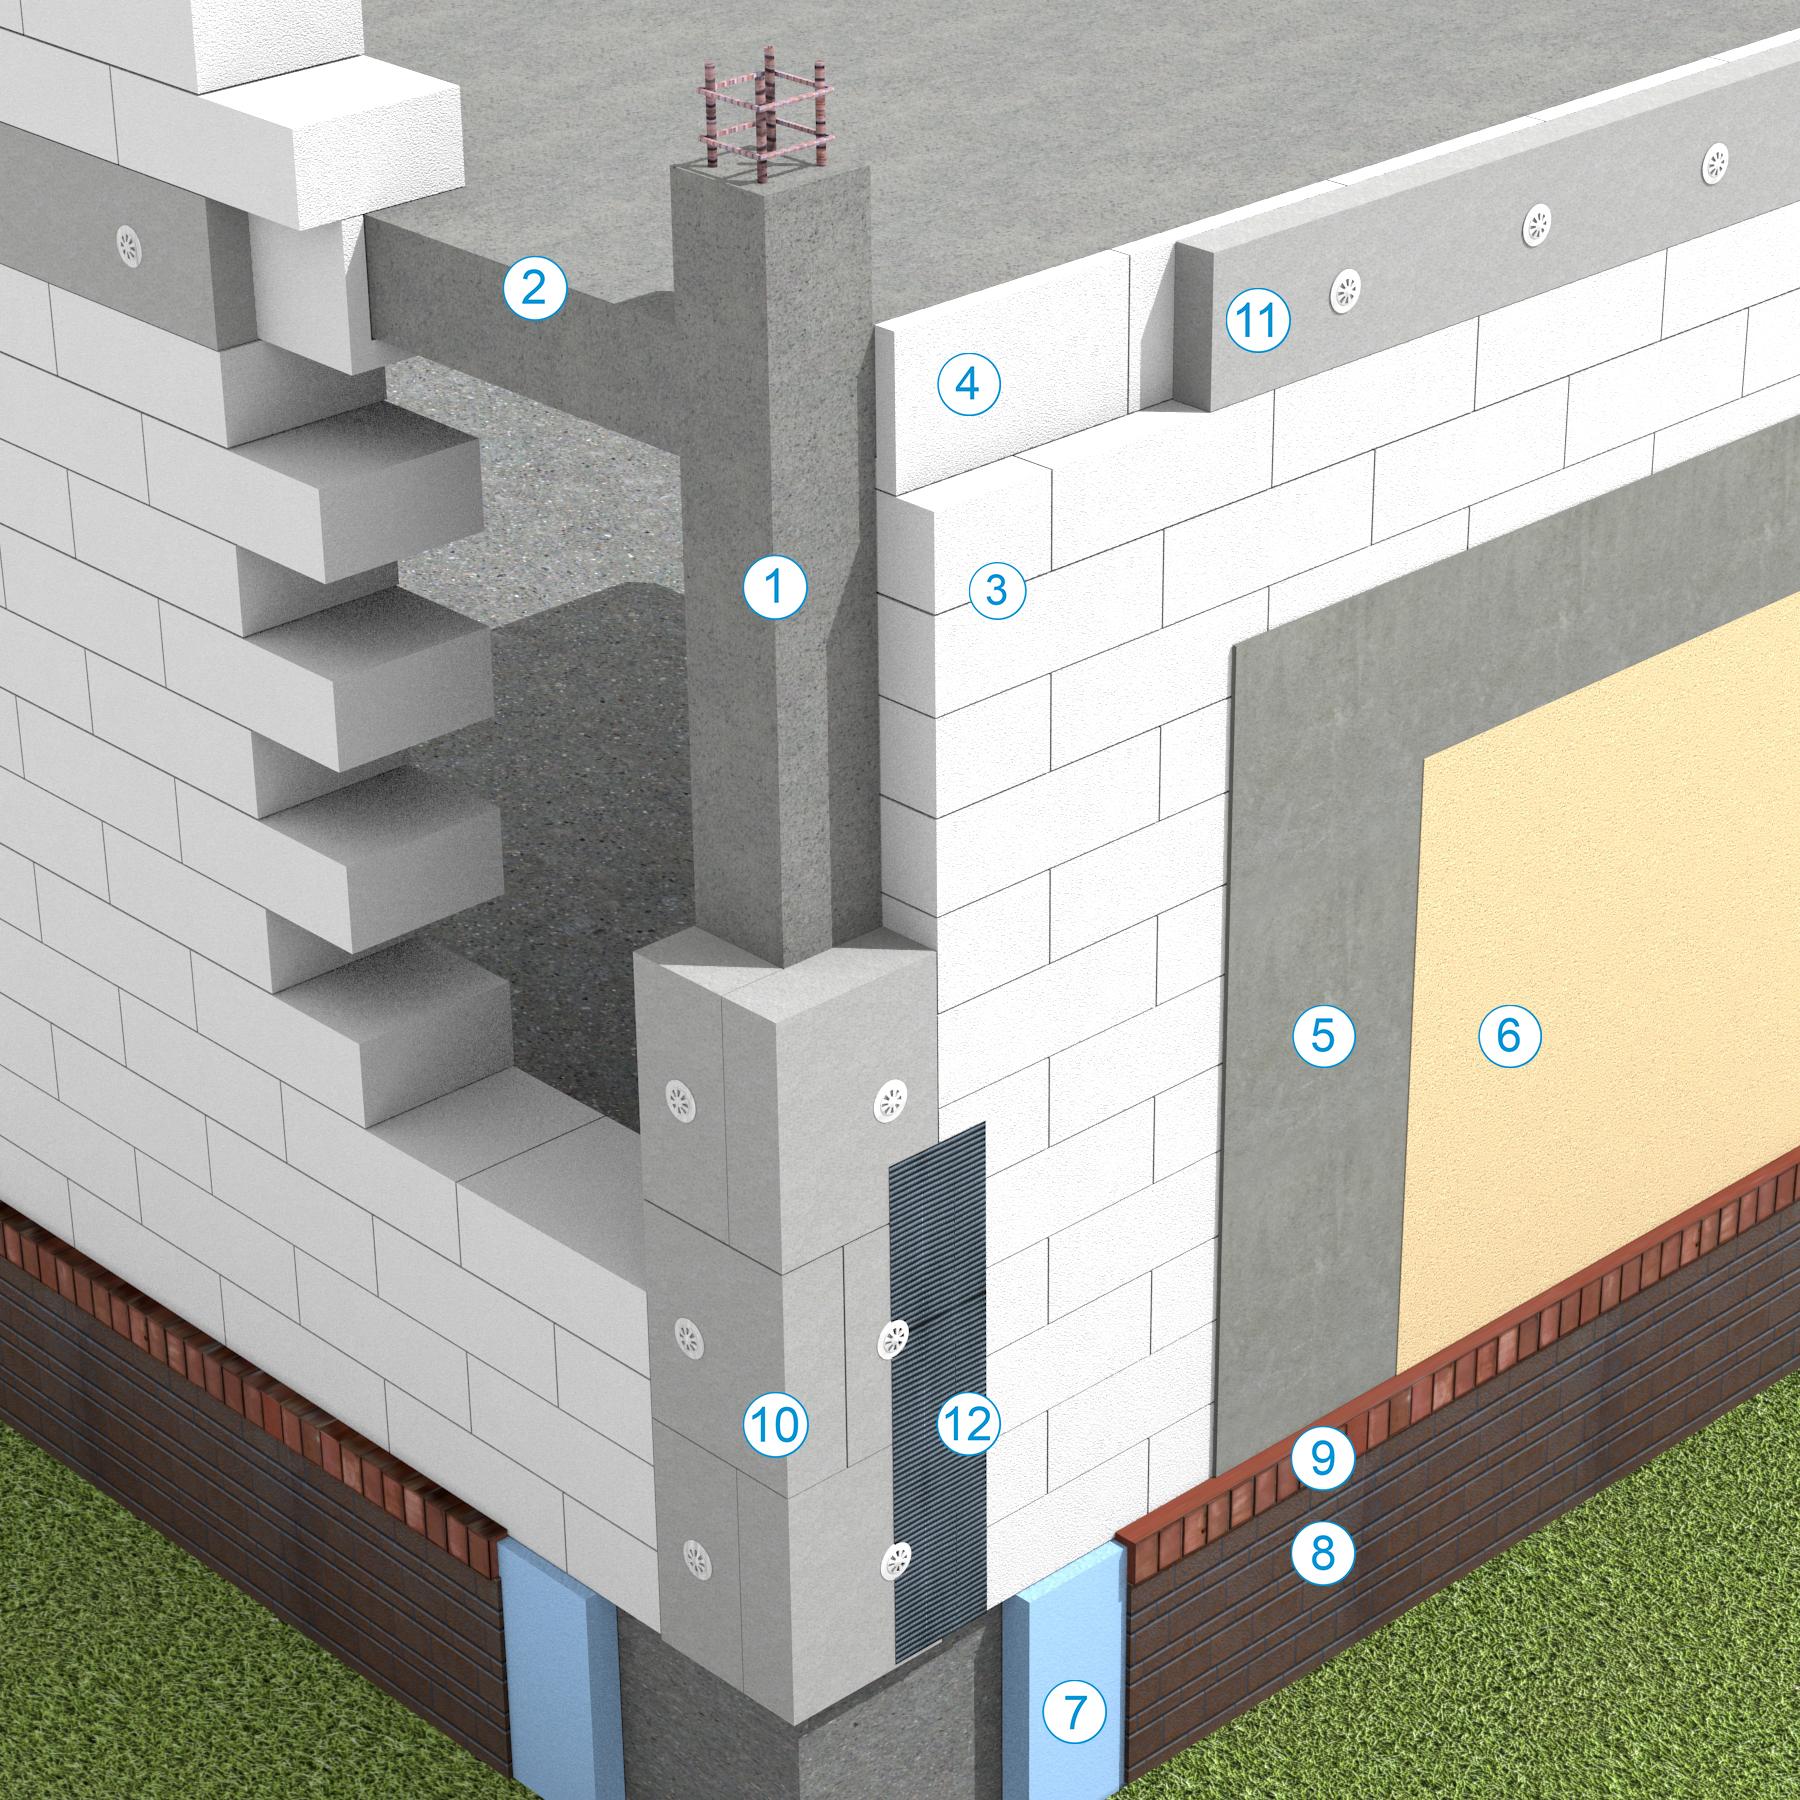 Detaliu de racord la colt cu compensarea puntii termice in dreptul stalpisorilor si a centurilor - Sistem de zidarie confinata din BCA Macon pentru constructii rezidentiale, publice si industriale